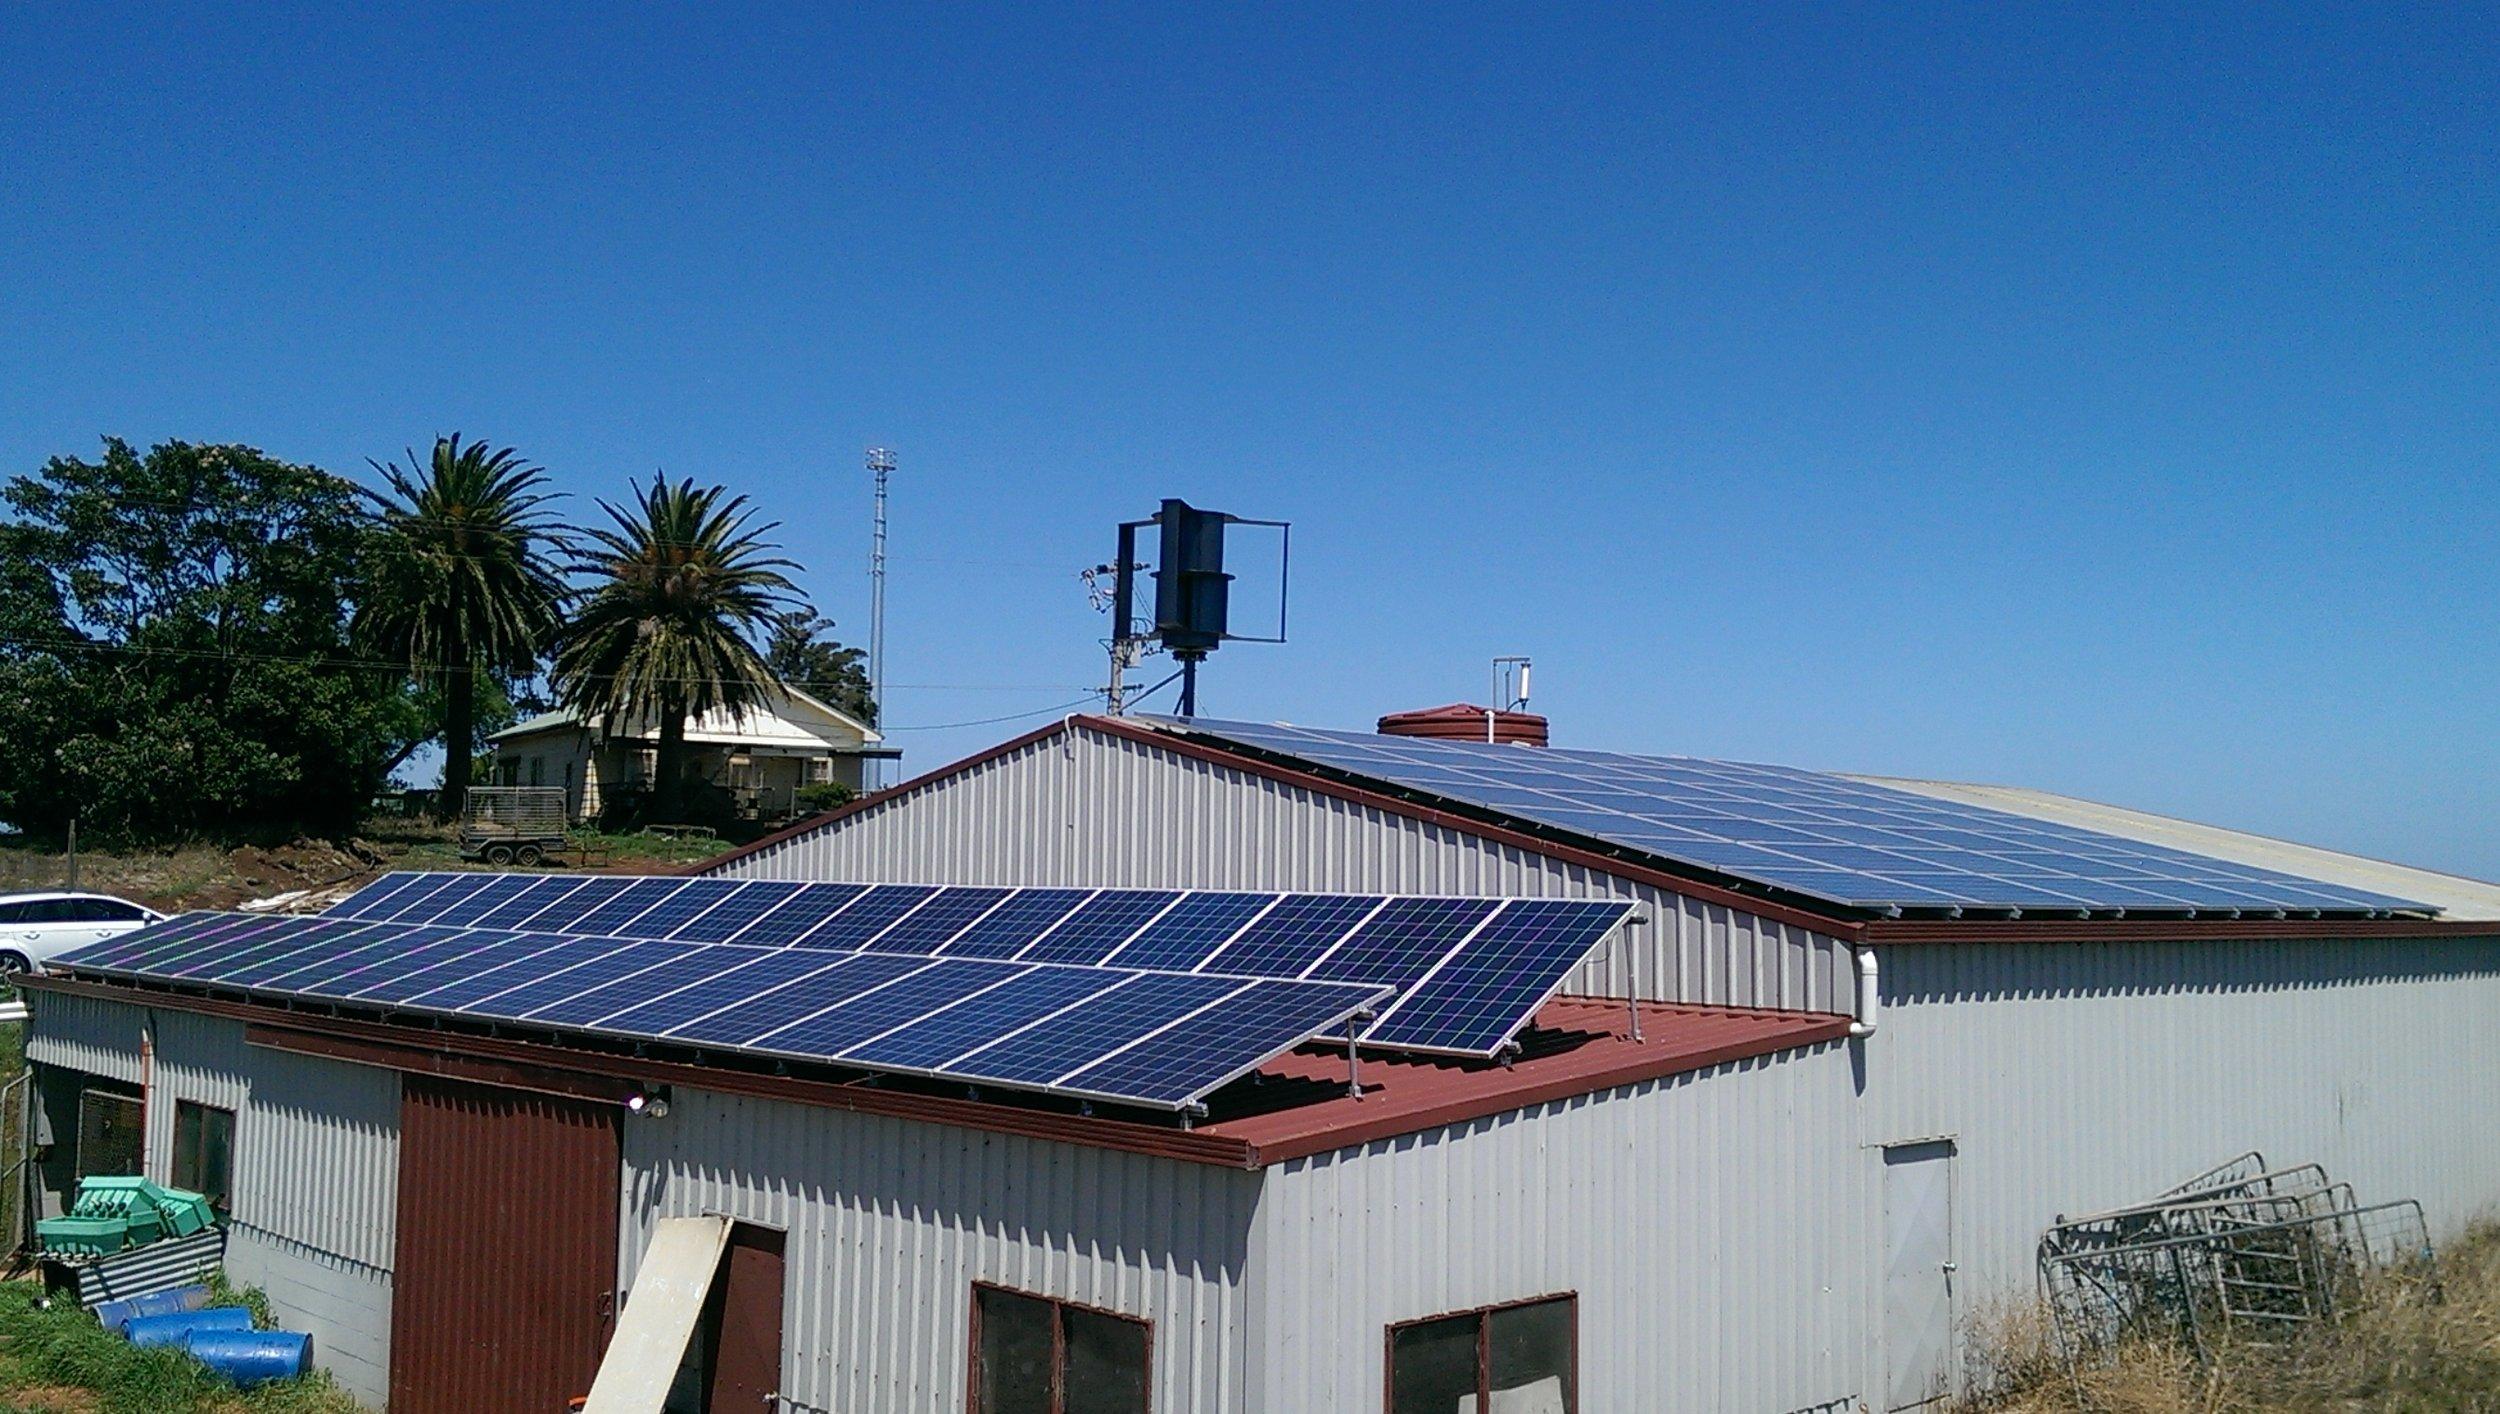 off-grid solar dairy farm